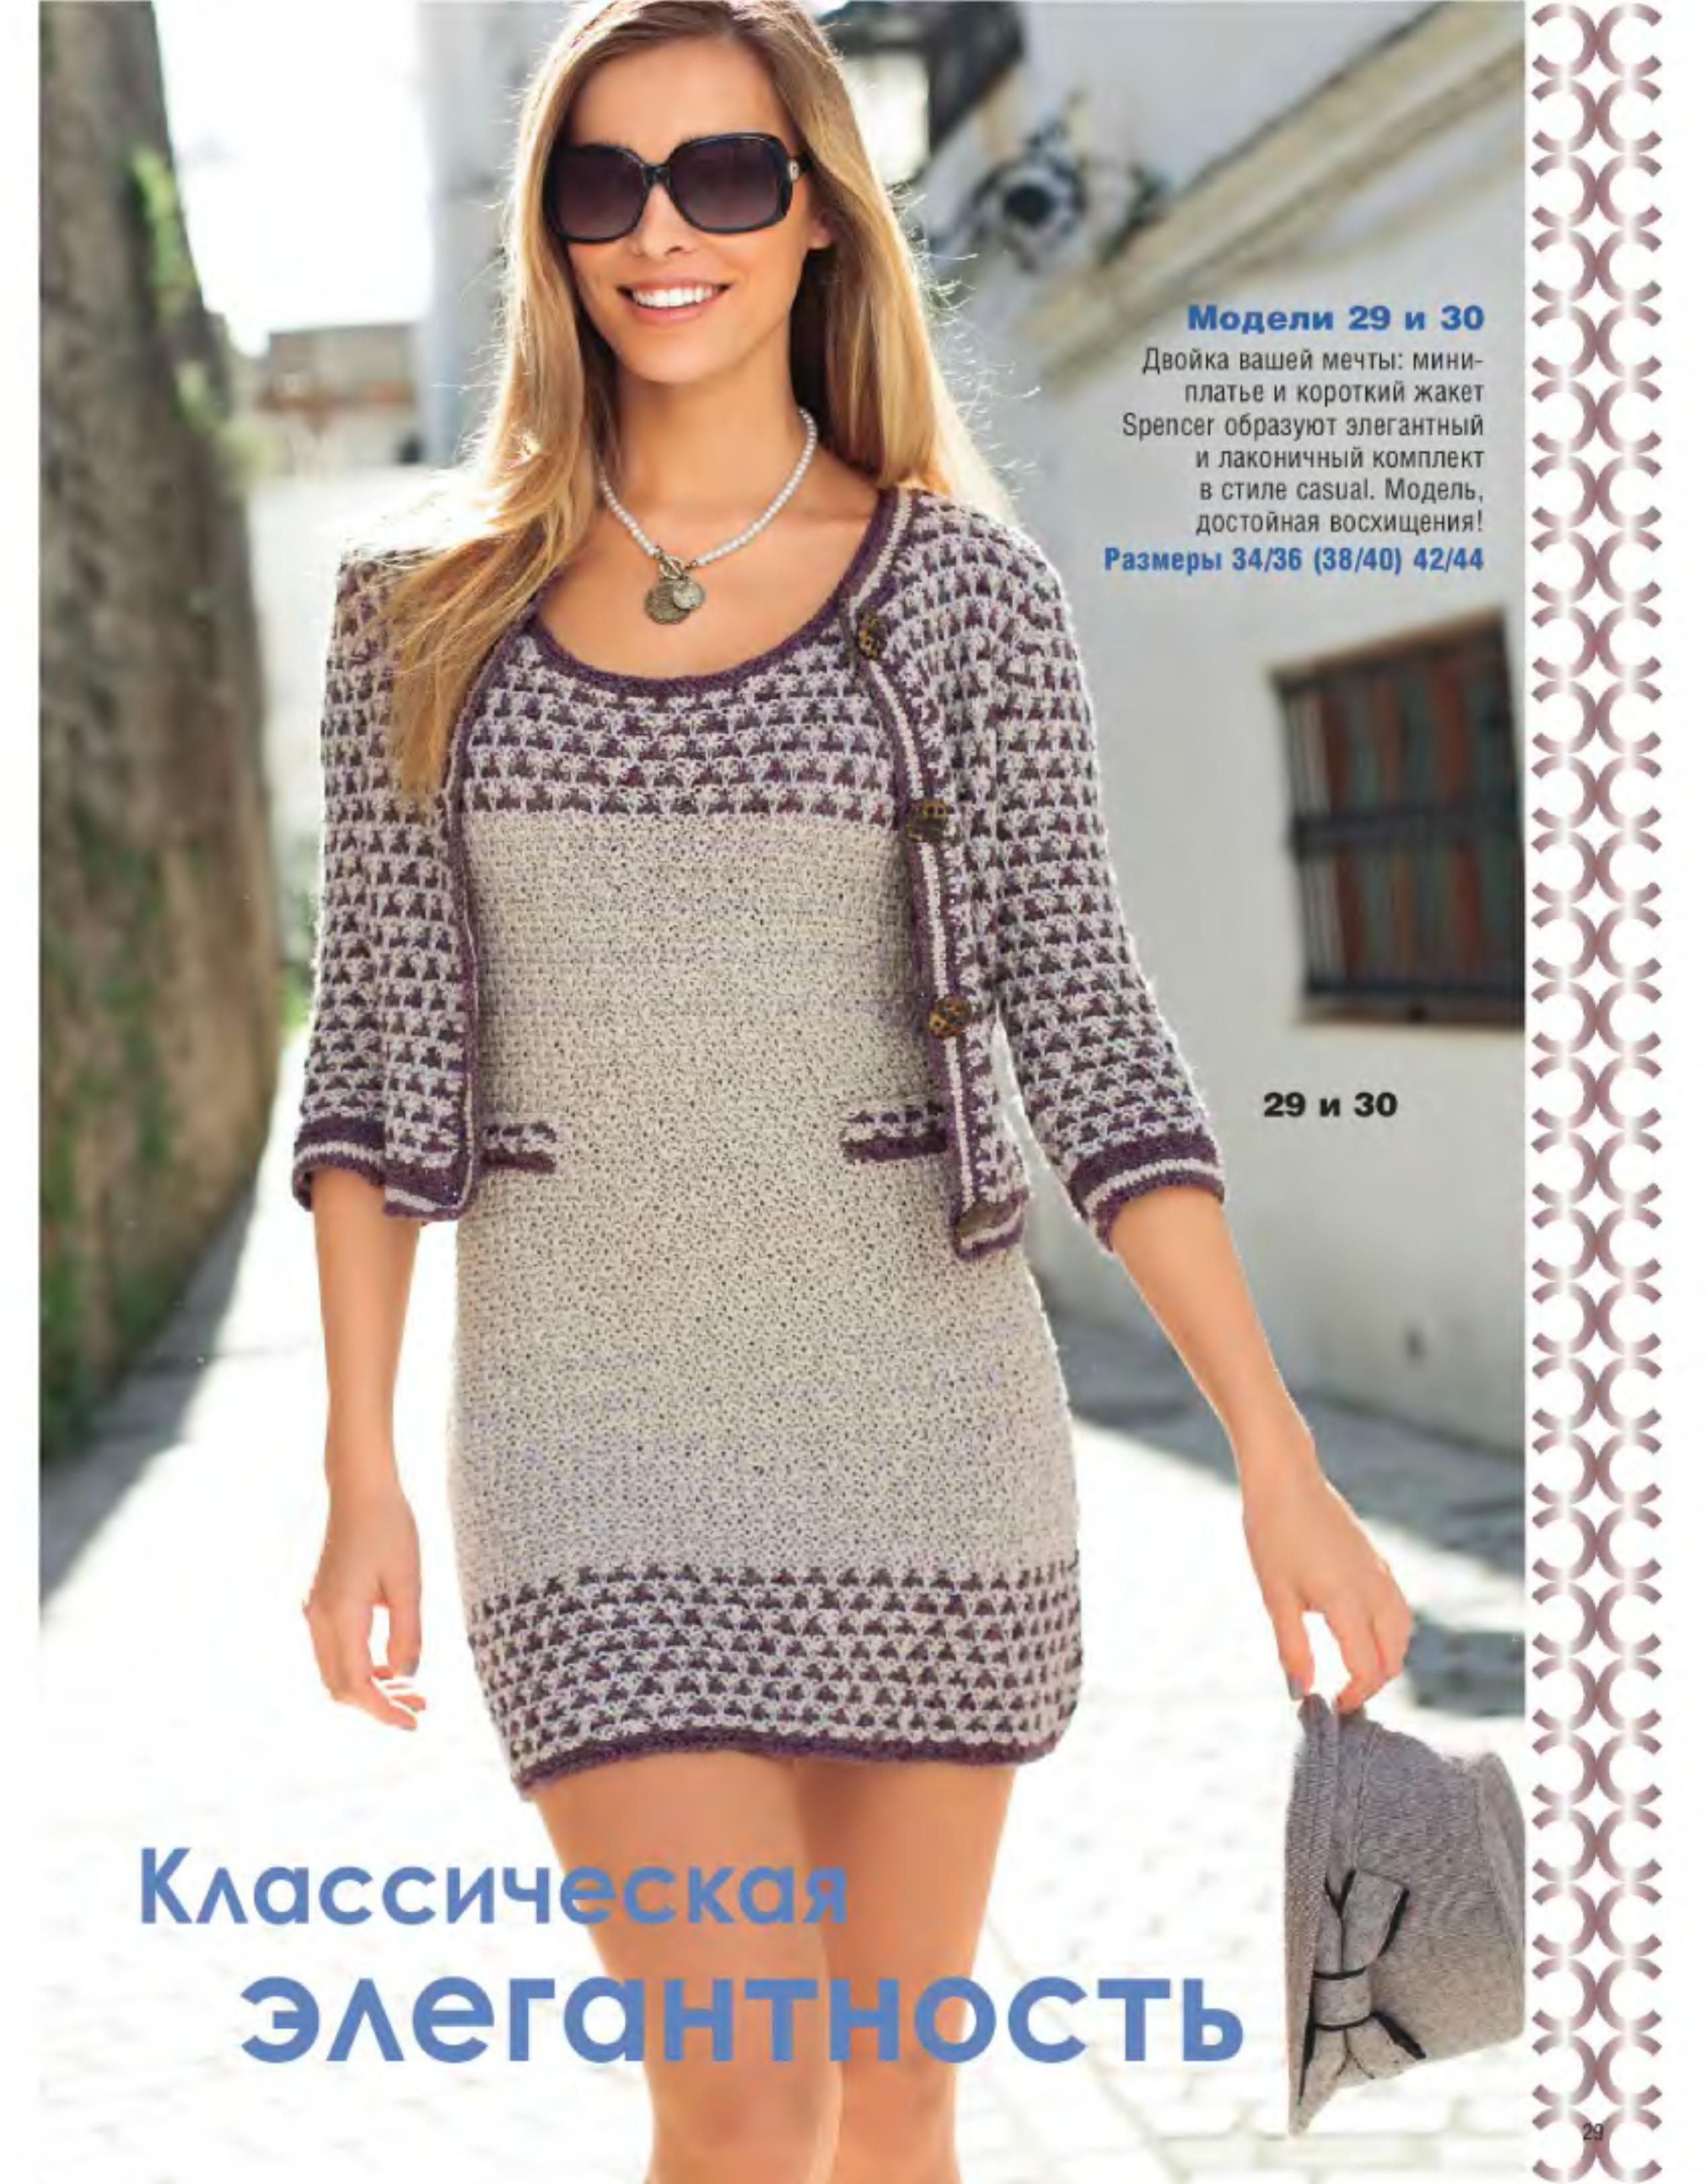 Блузка с баской купить